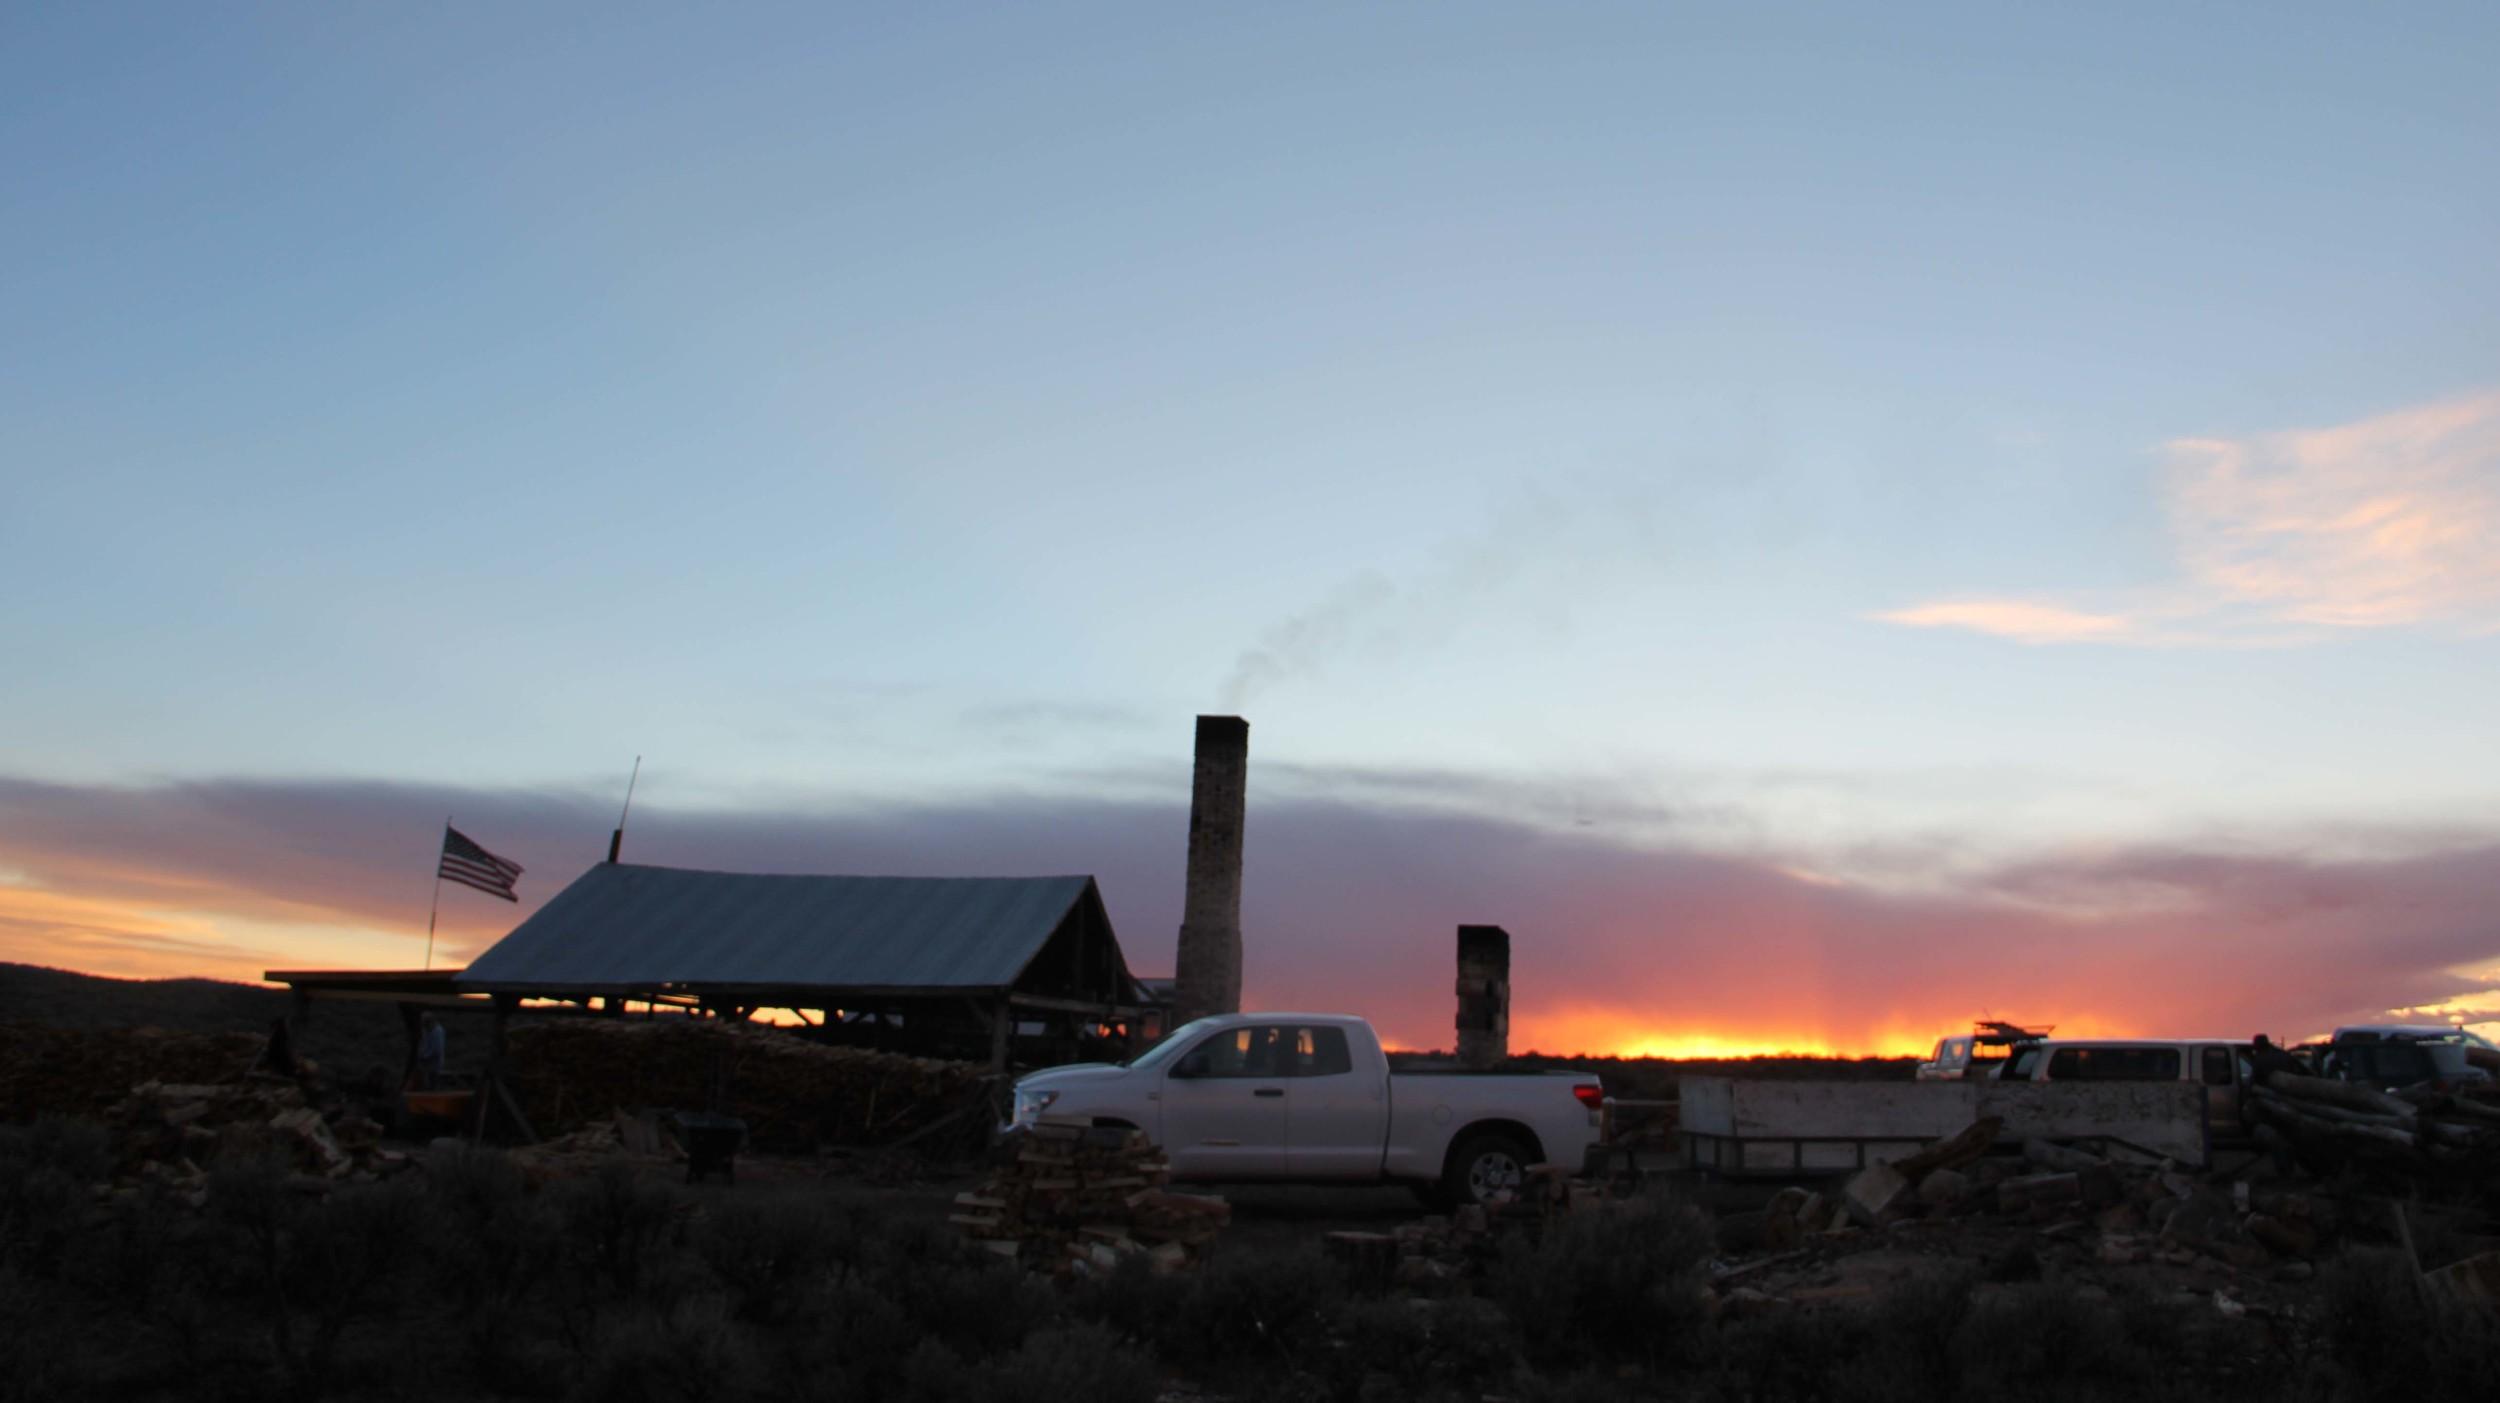 sunset kiln site.jpg